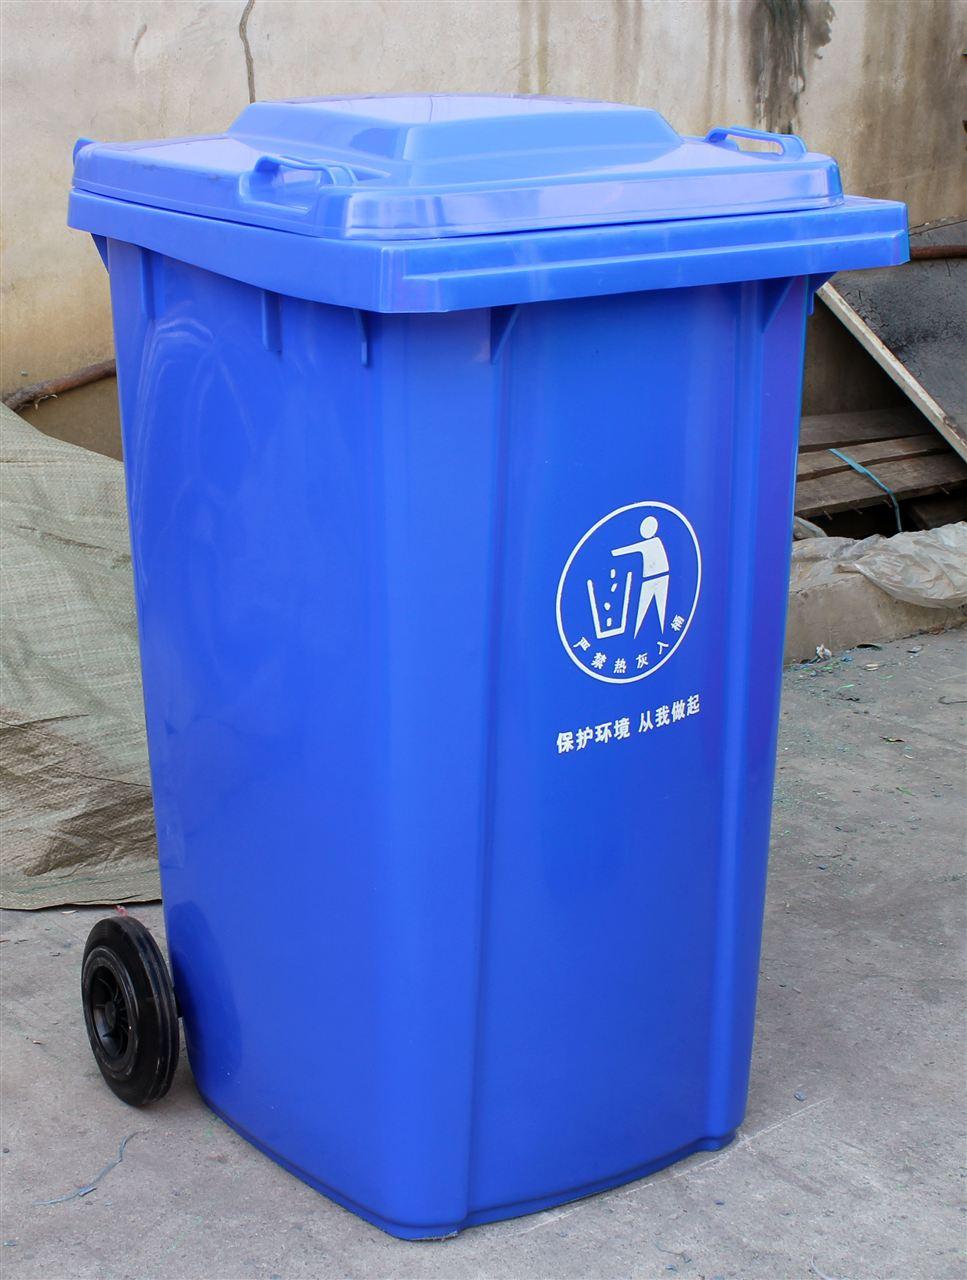 扬州户外塑料垃圾桶价格